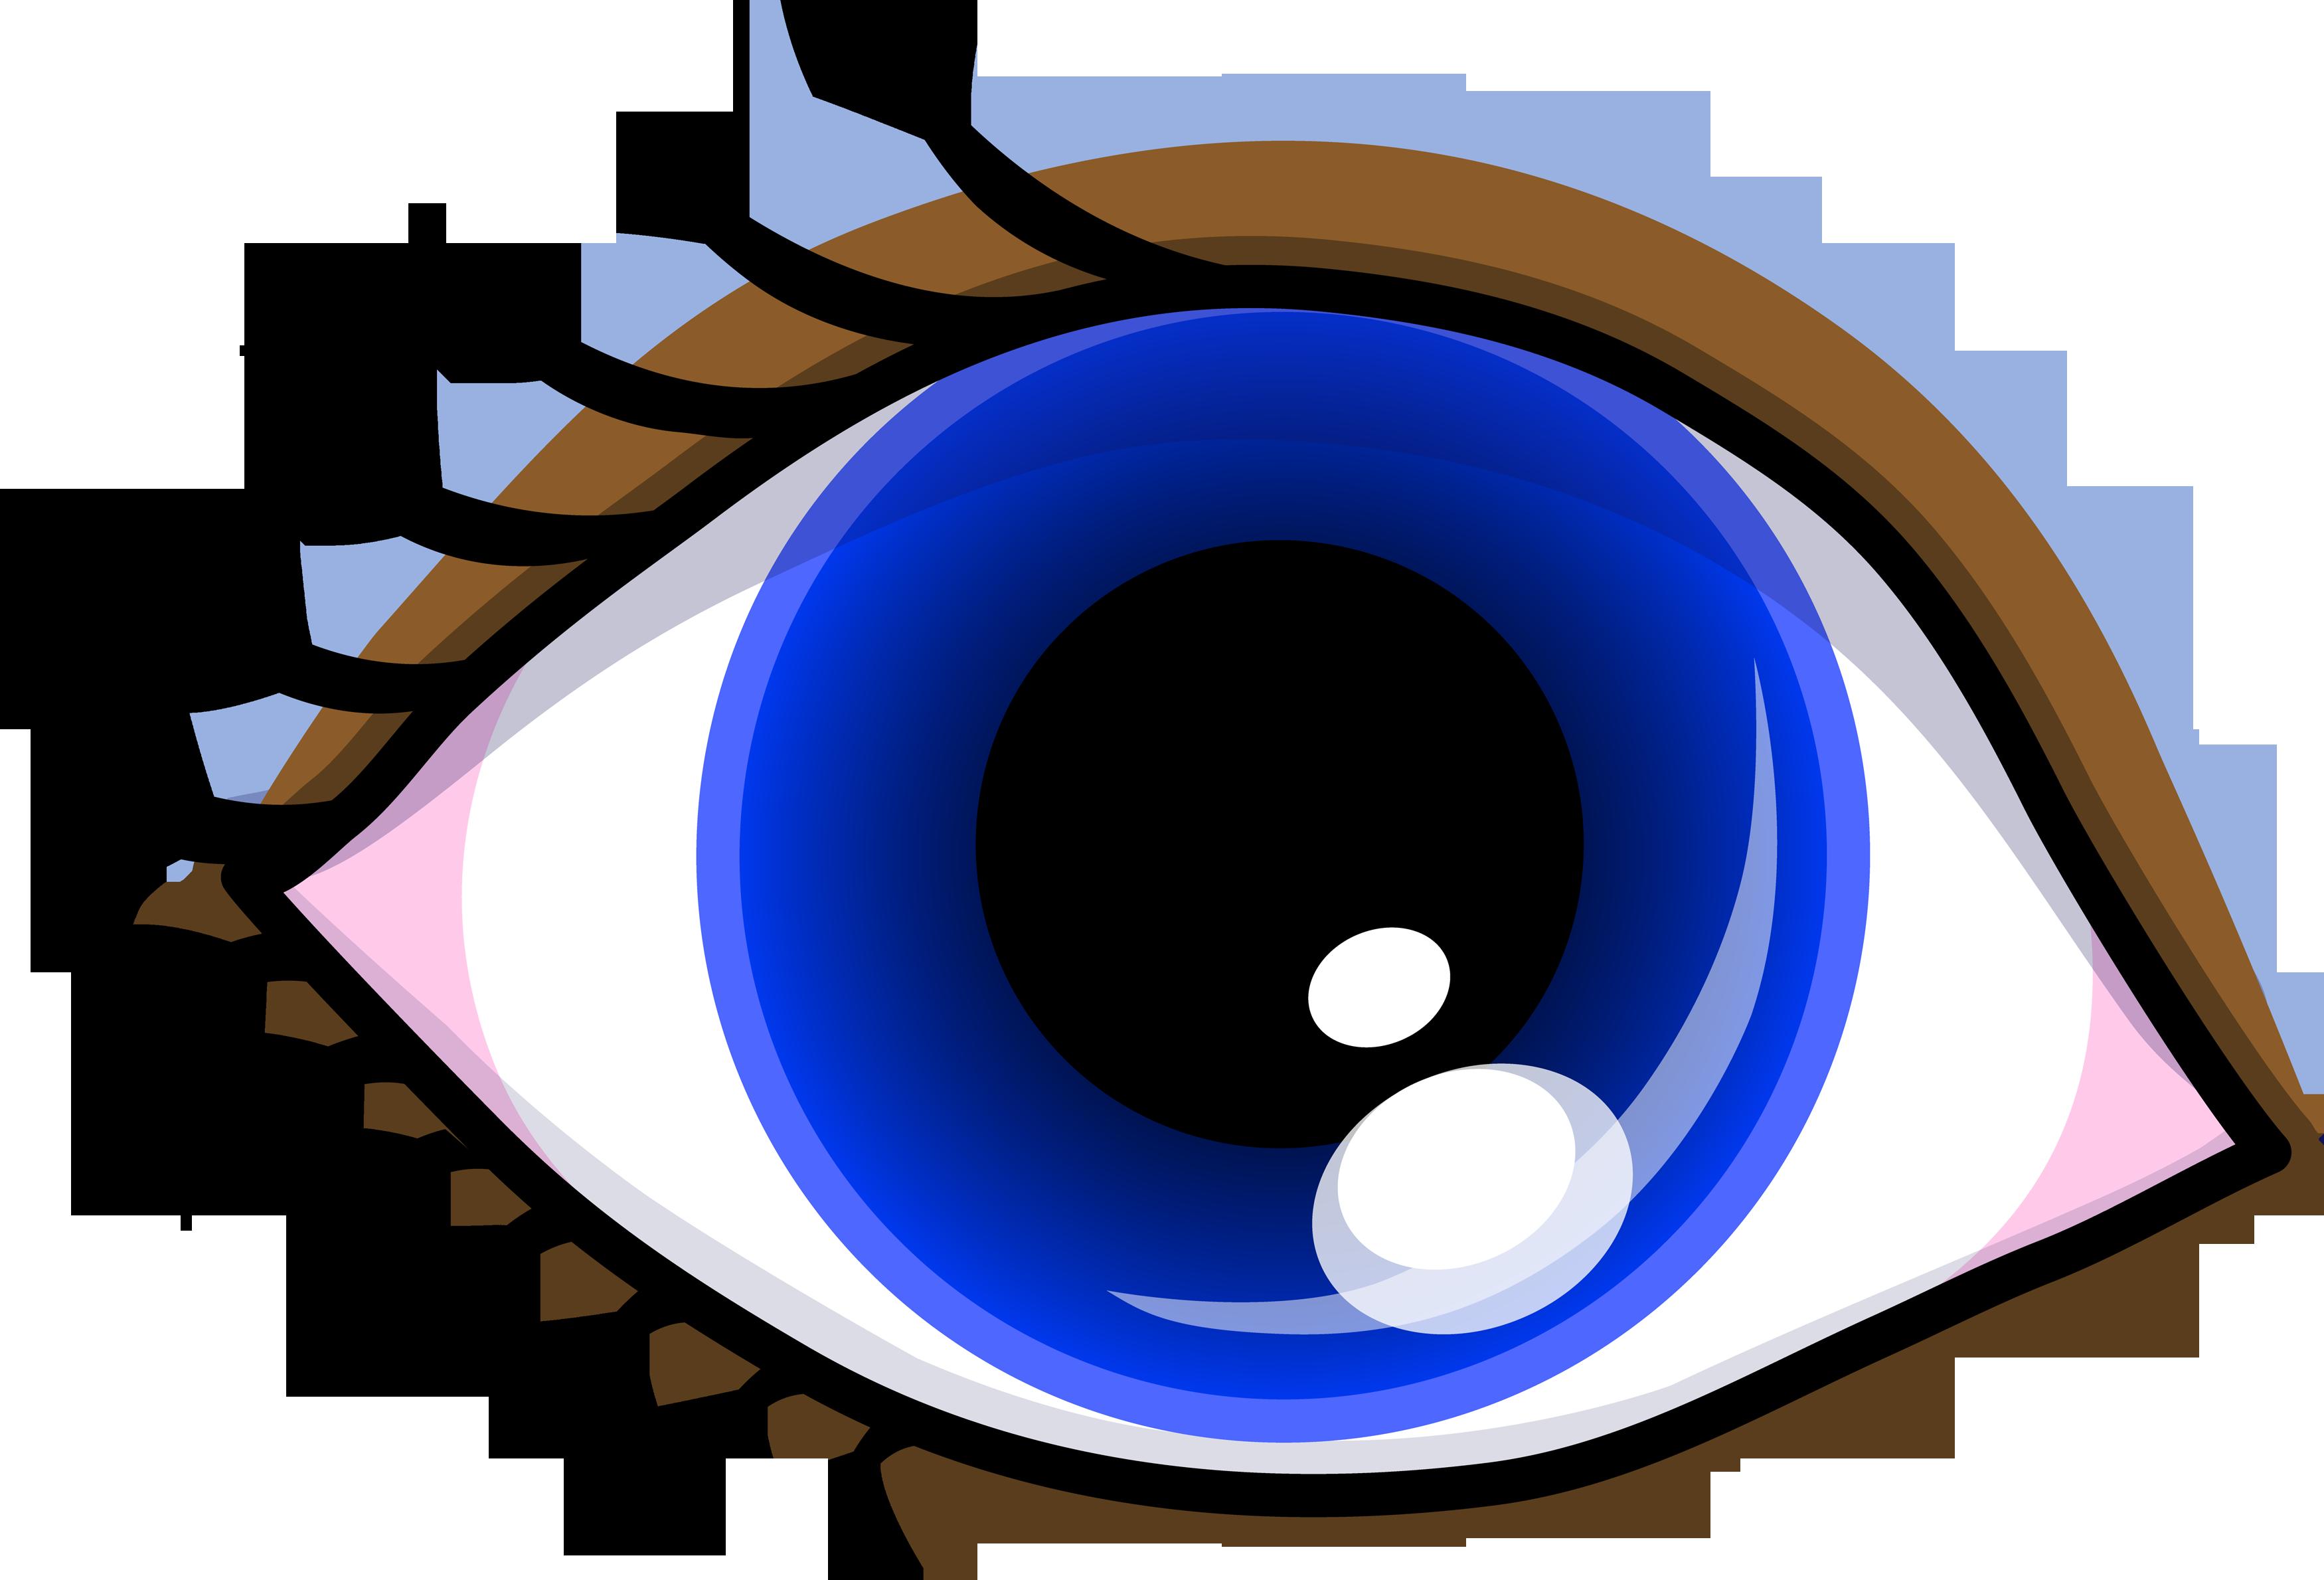 3500x2379 Pretty Blue Eye With Shadow